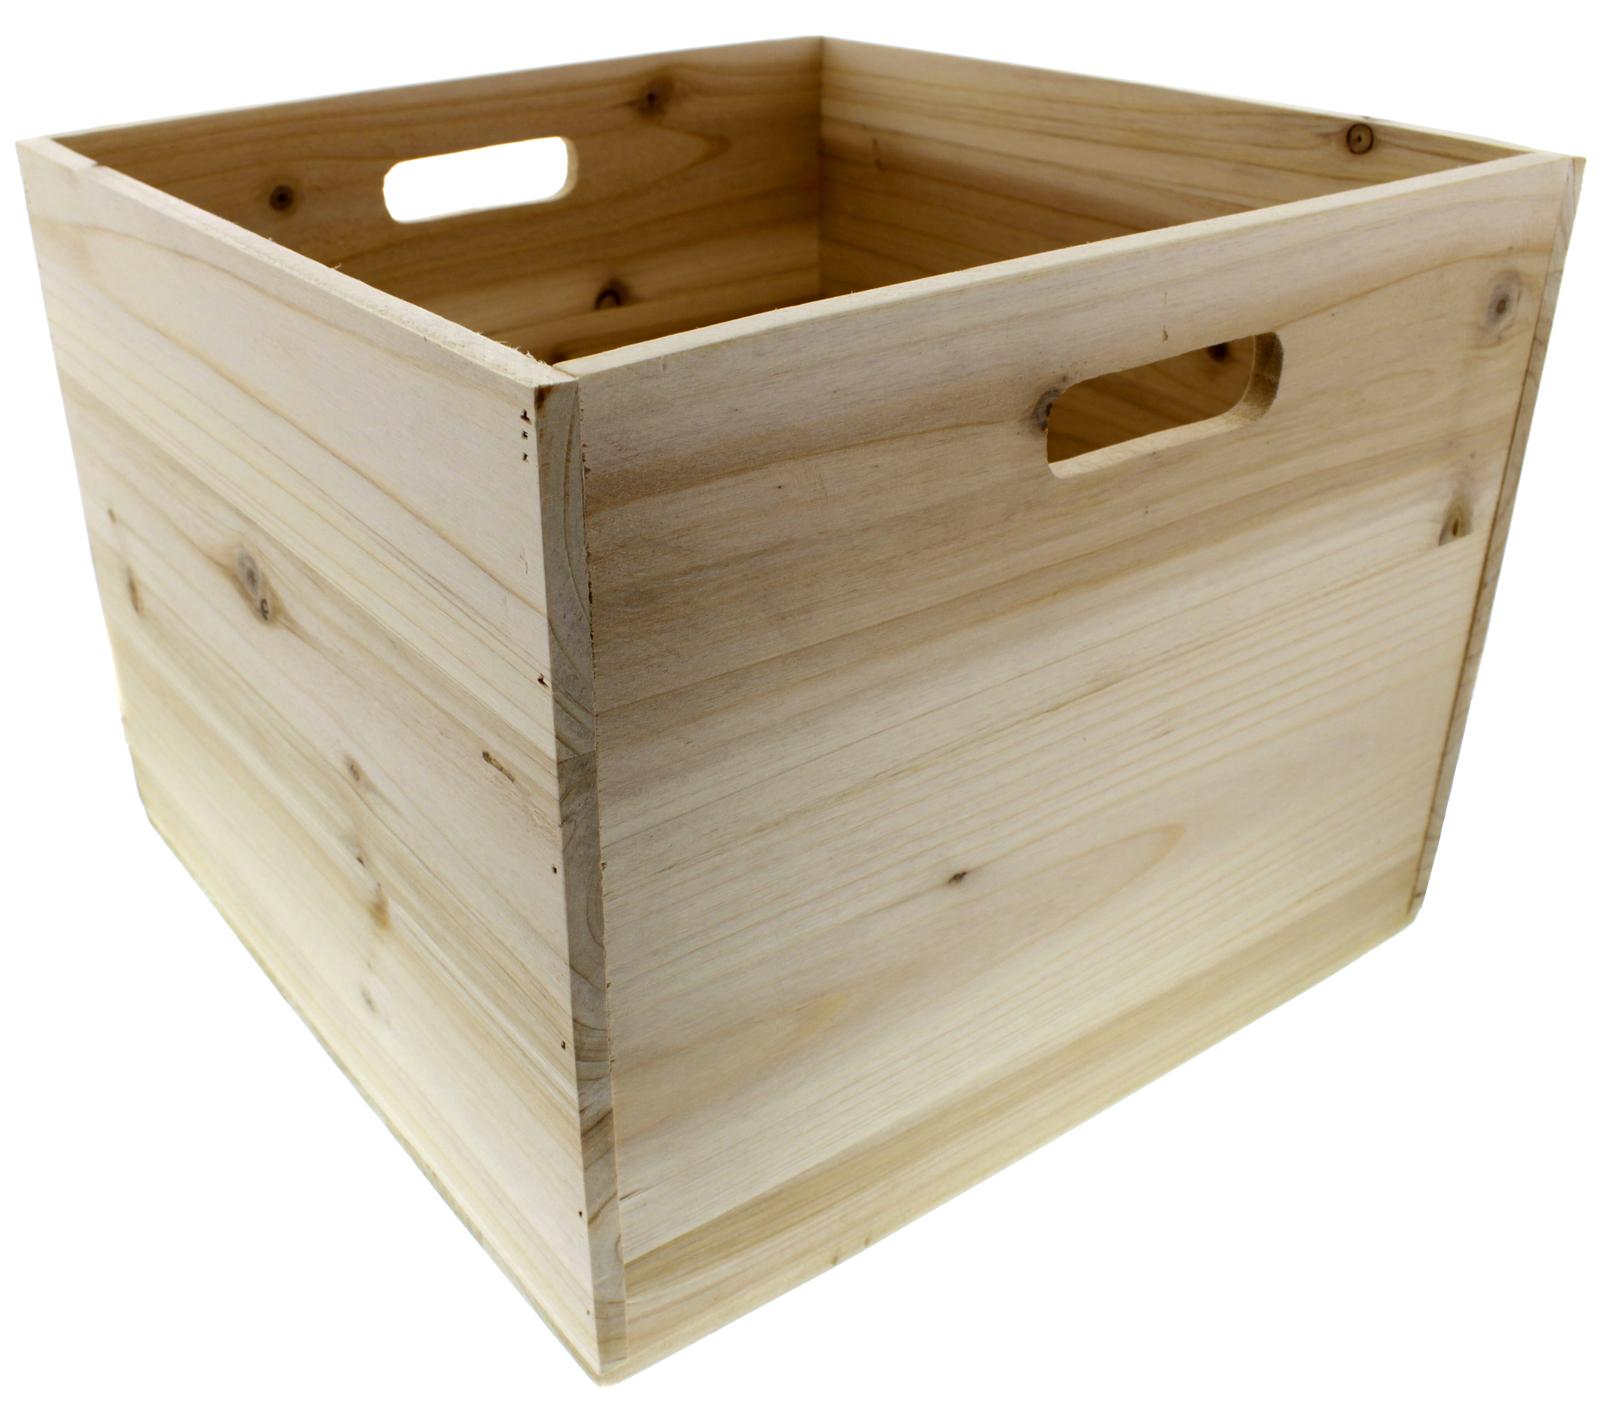 Wooden Vinyl Crate image